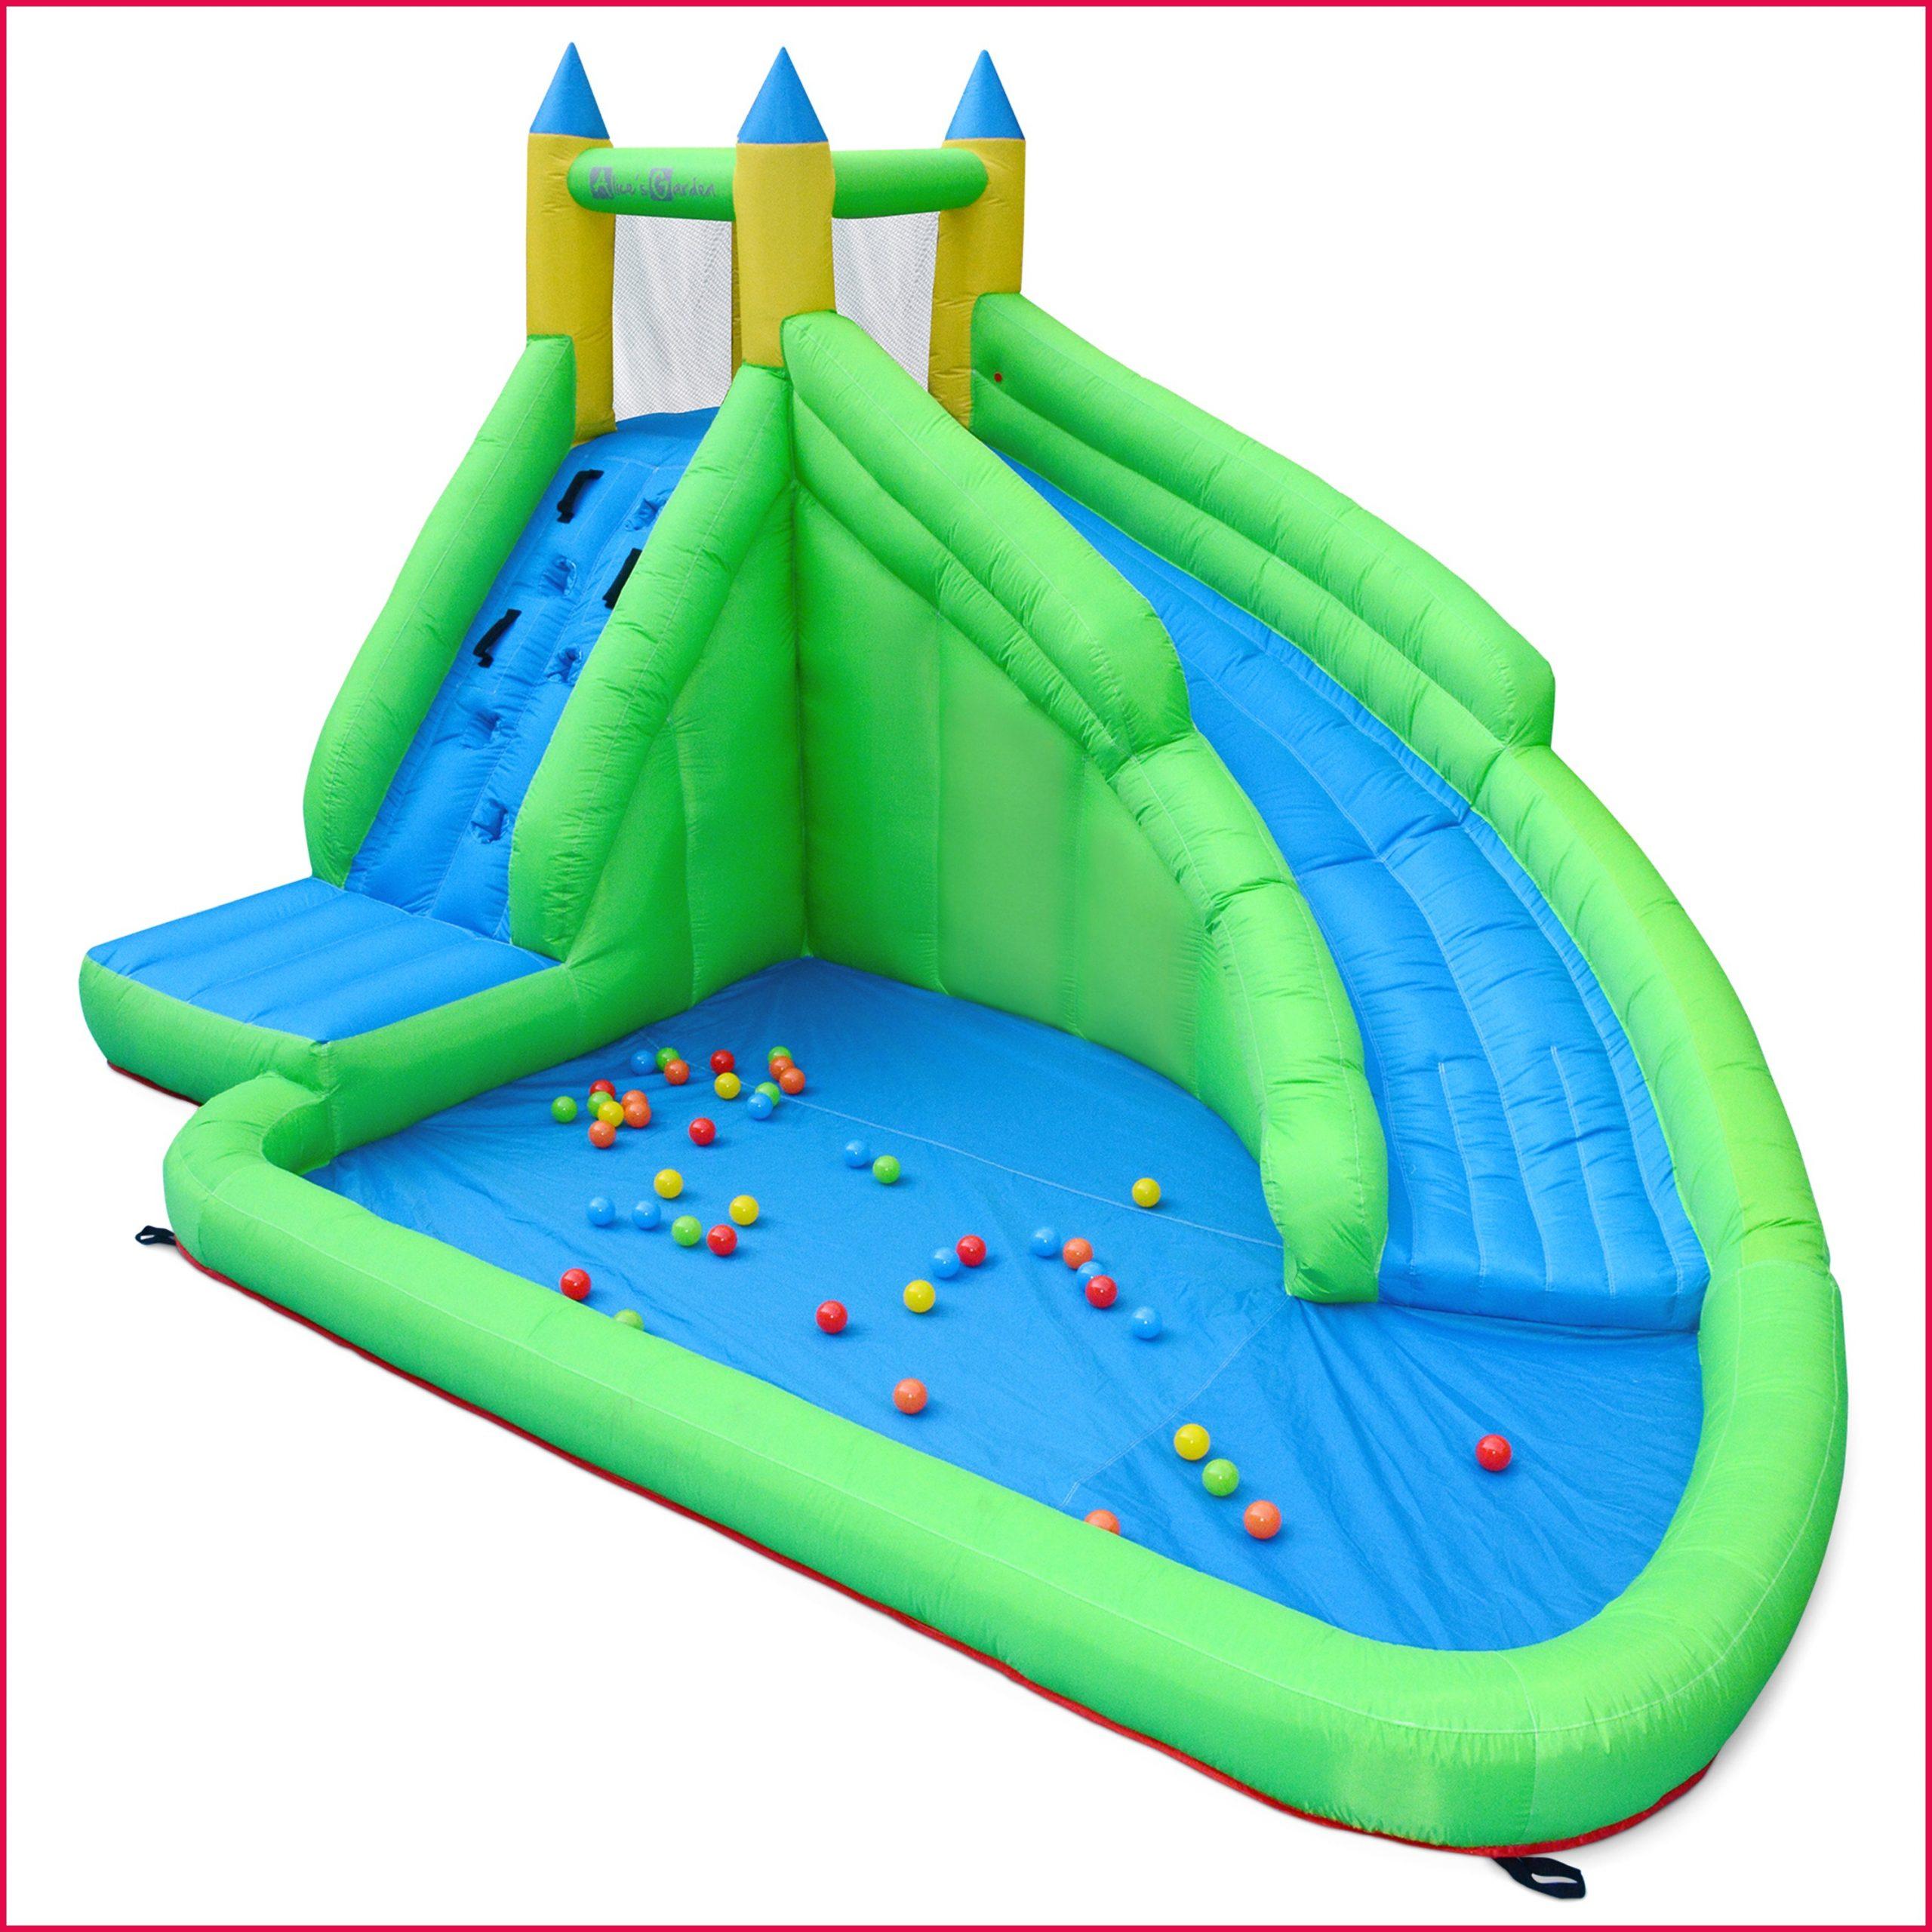 Structure Gonflable Happy Jump Giant Jeux Aire De Brillant ... concernant Matelas Gonflable Piscine Gifi